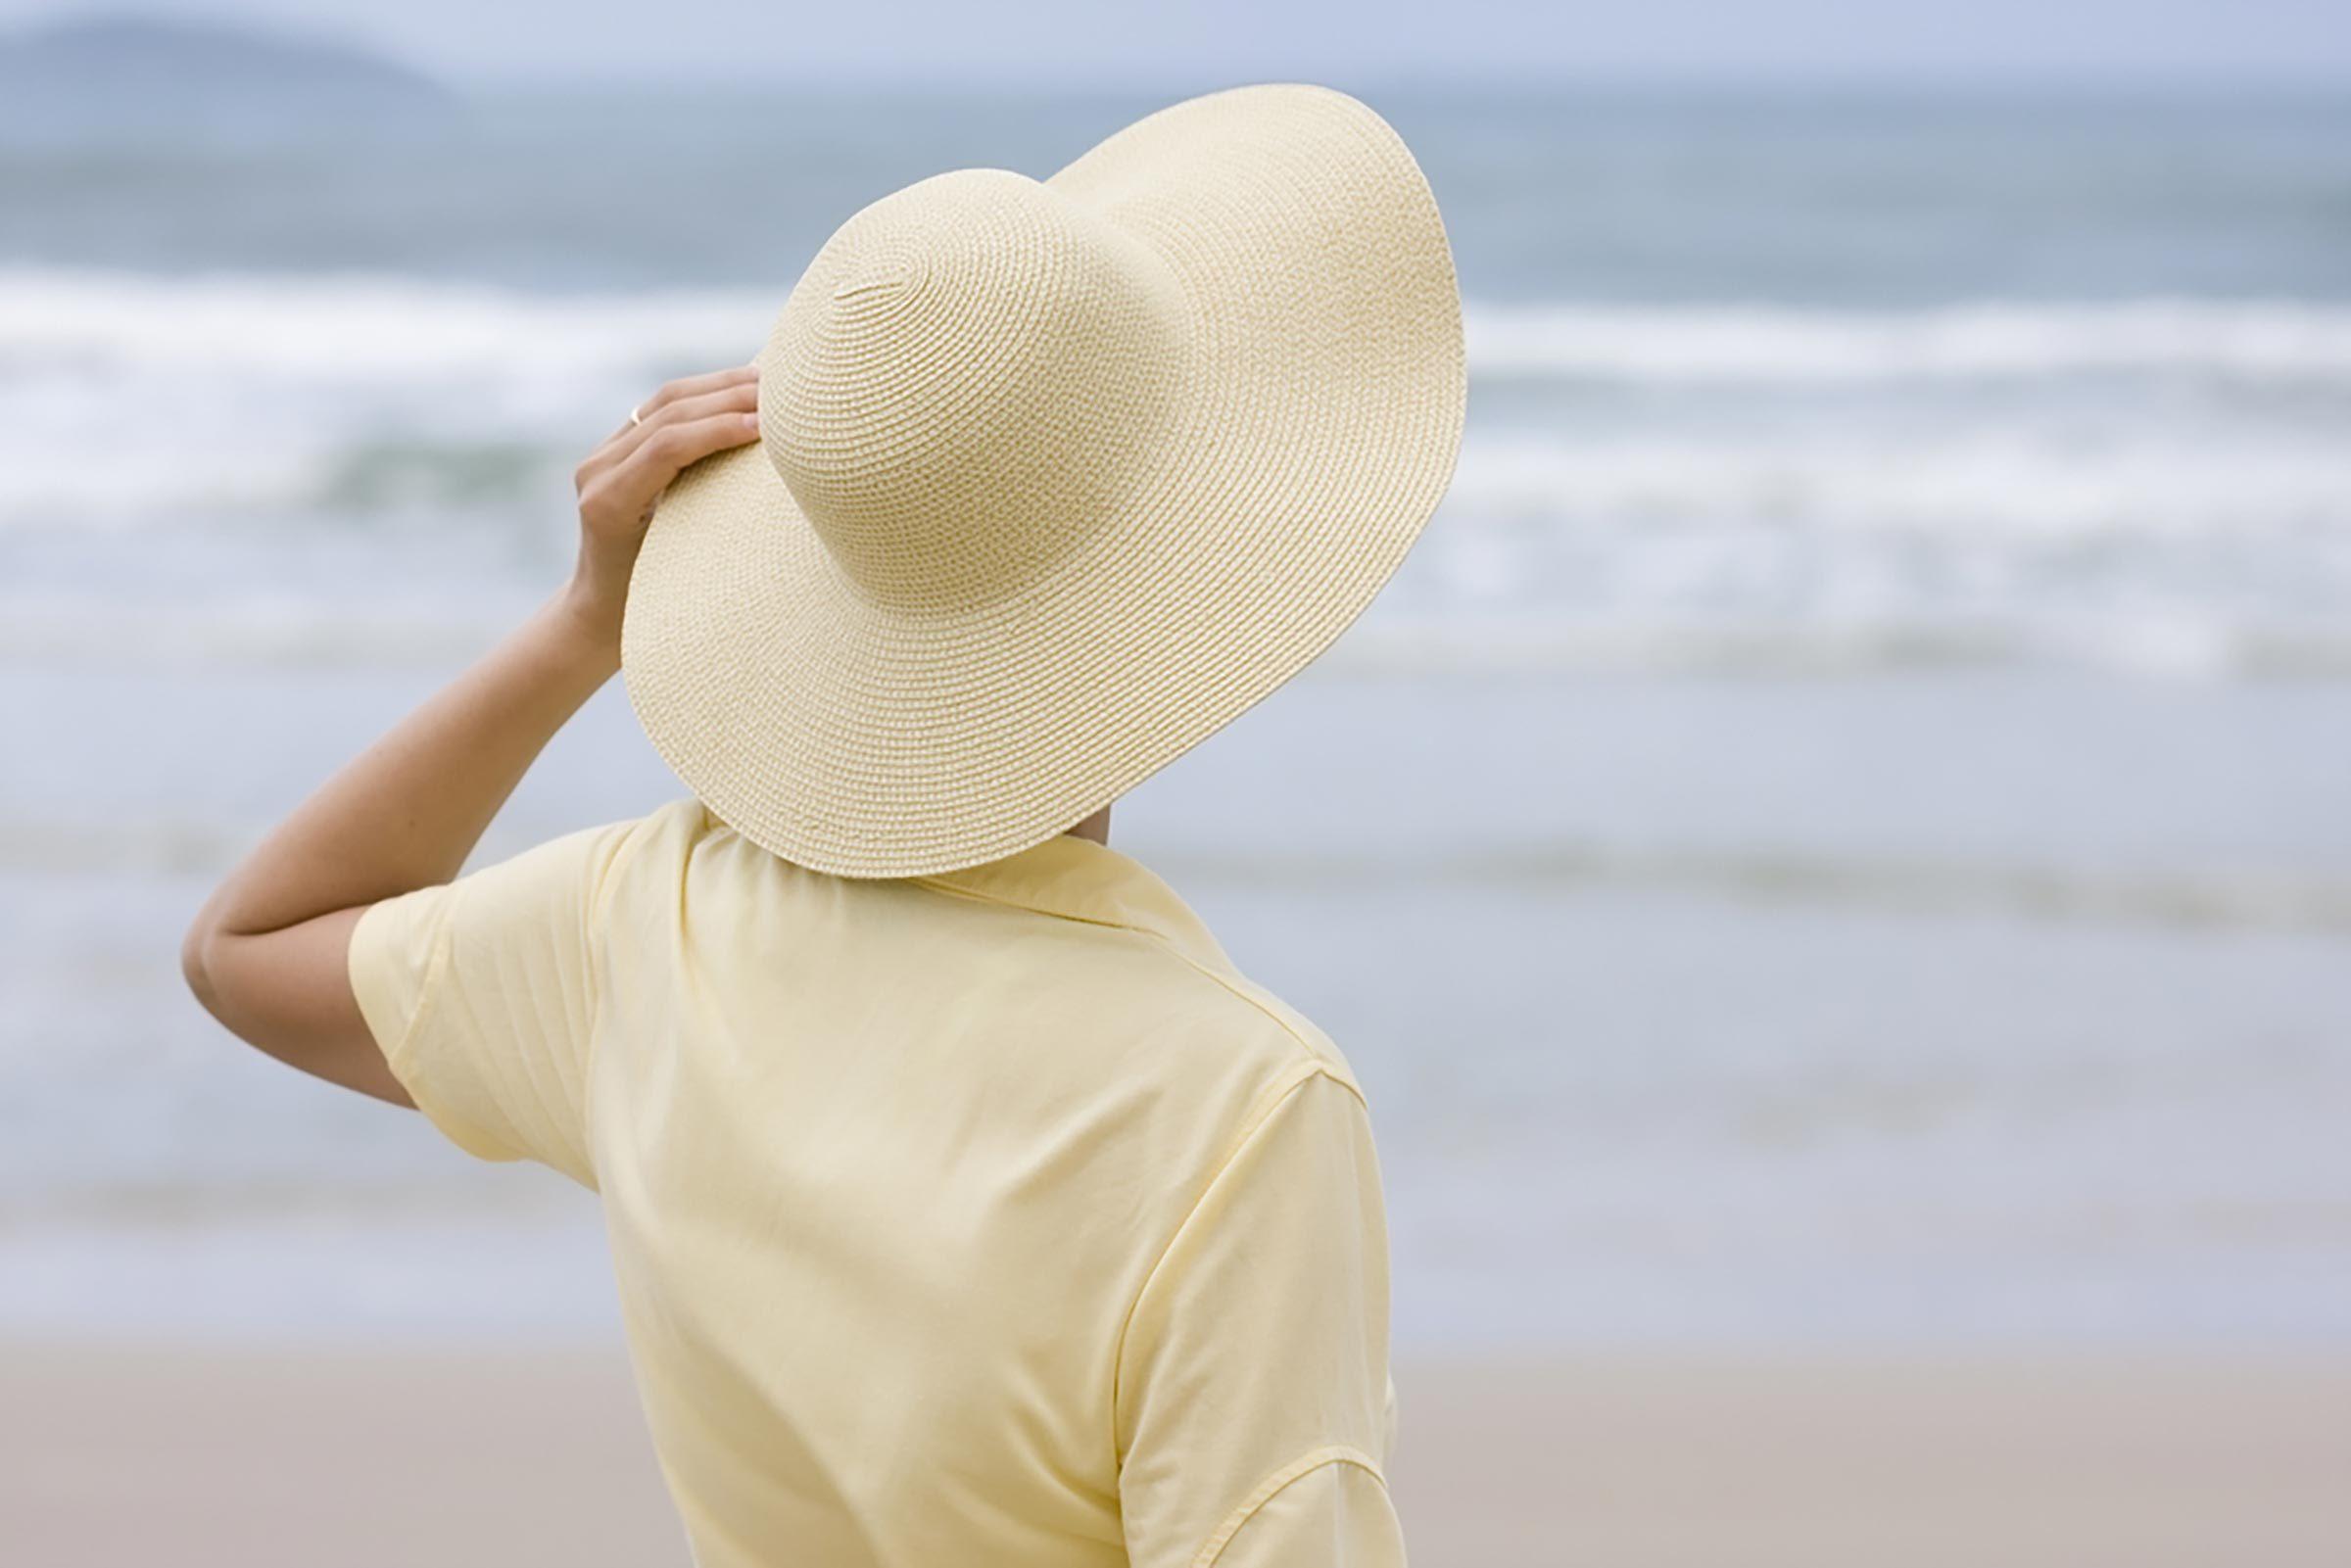 Conseil santé : éviter le soleil